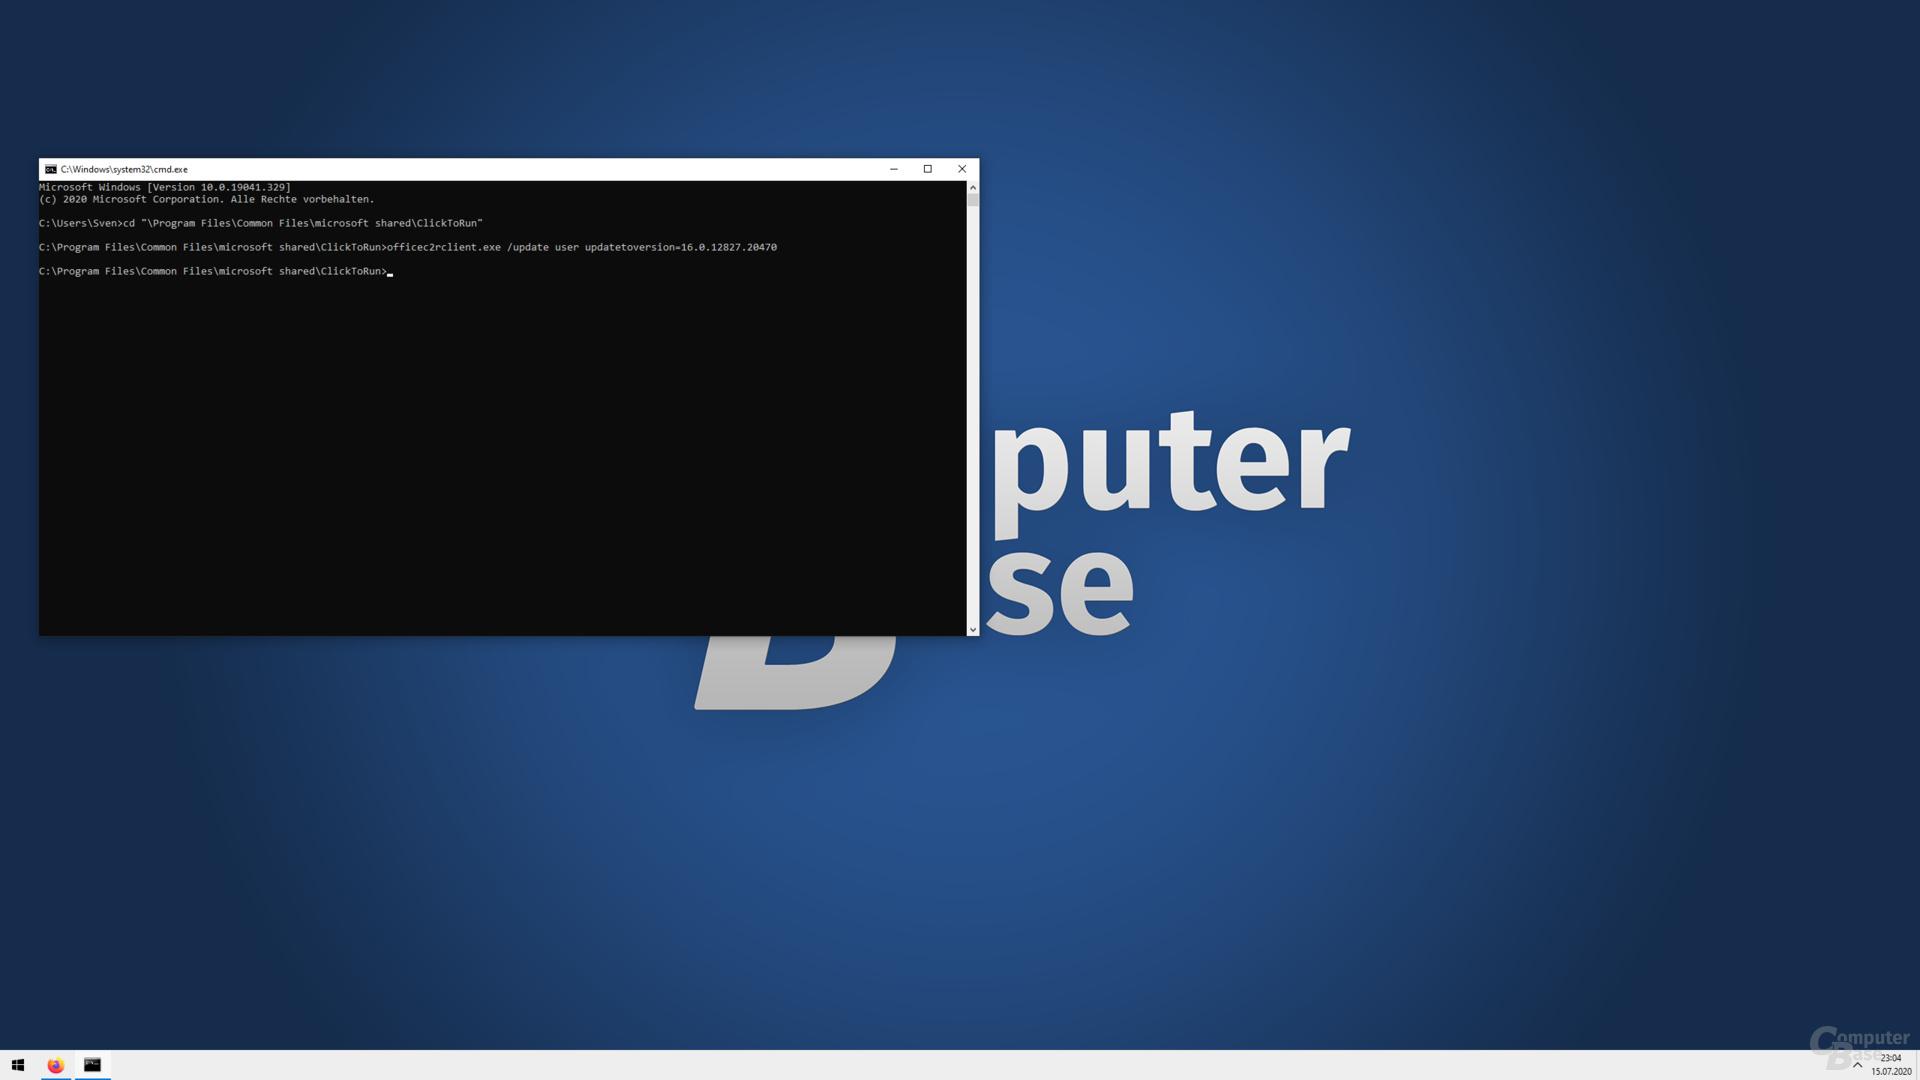 Befehl Nummer 2 startet die Update- und Installationsroutine von Microsoft Office